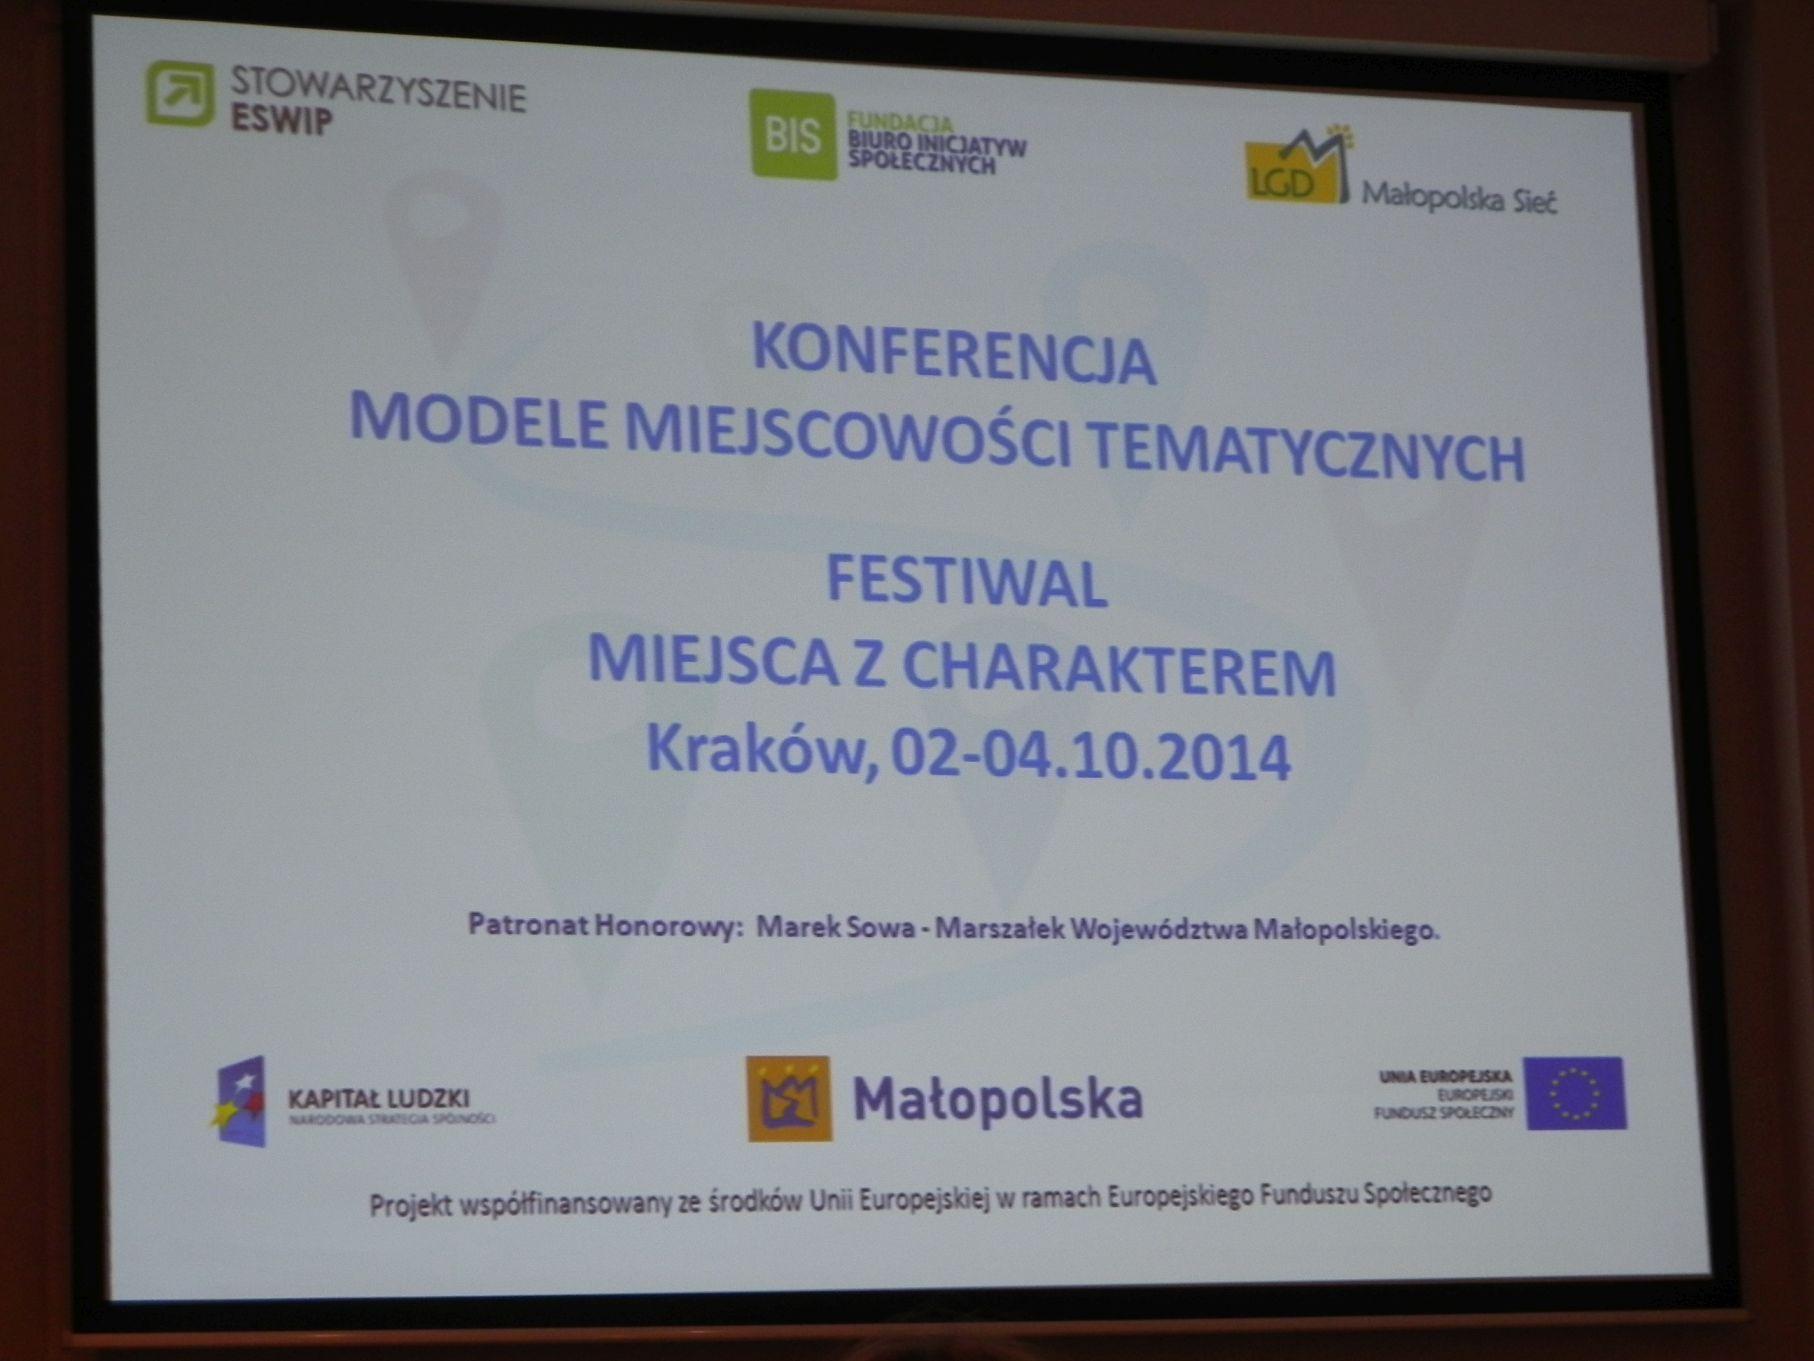 Kraków - wioski tematyczne (9)